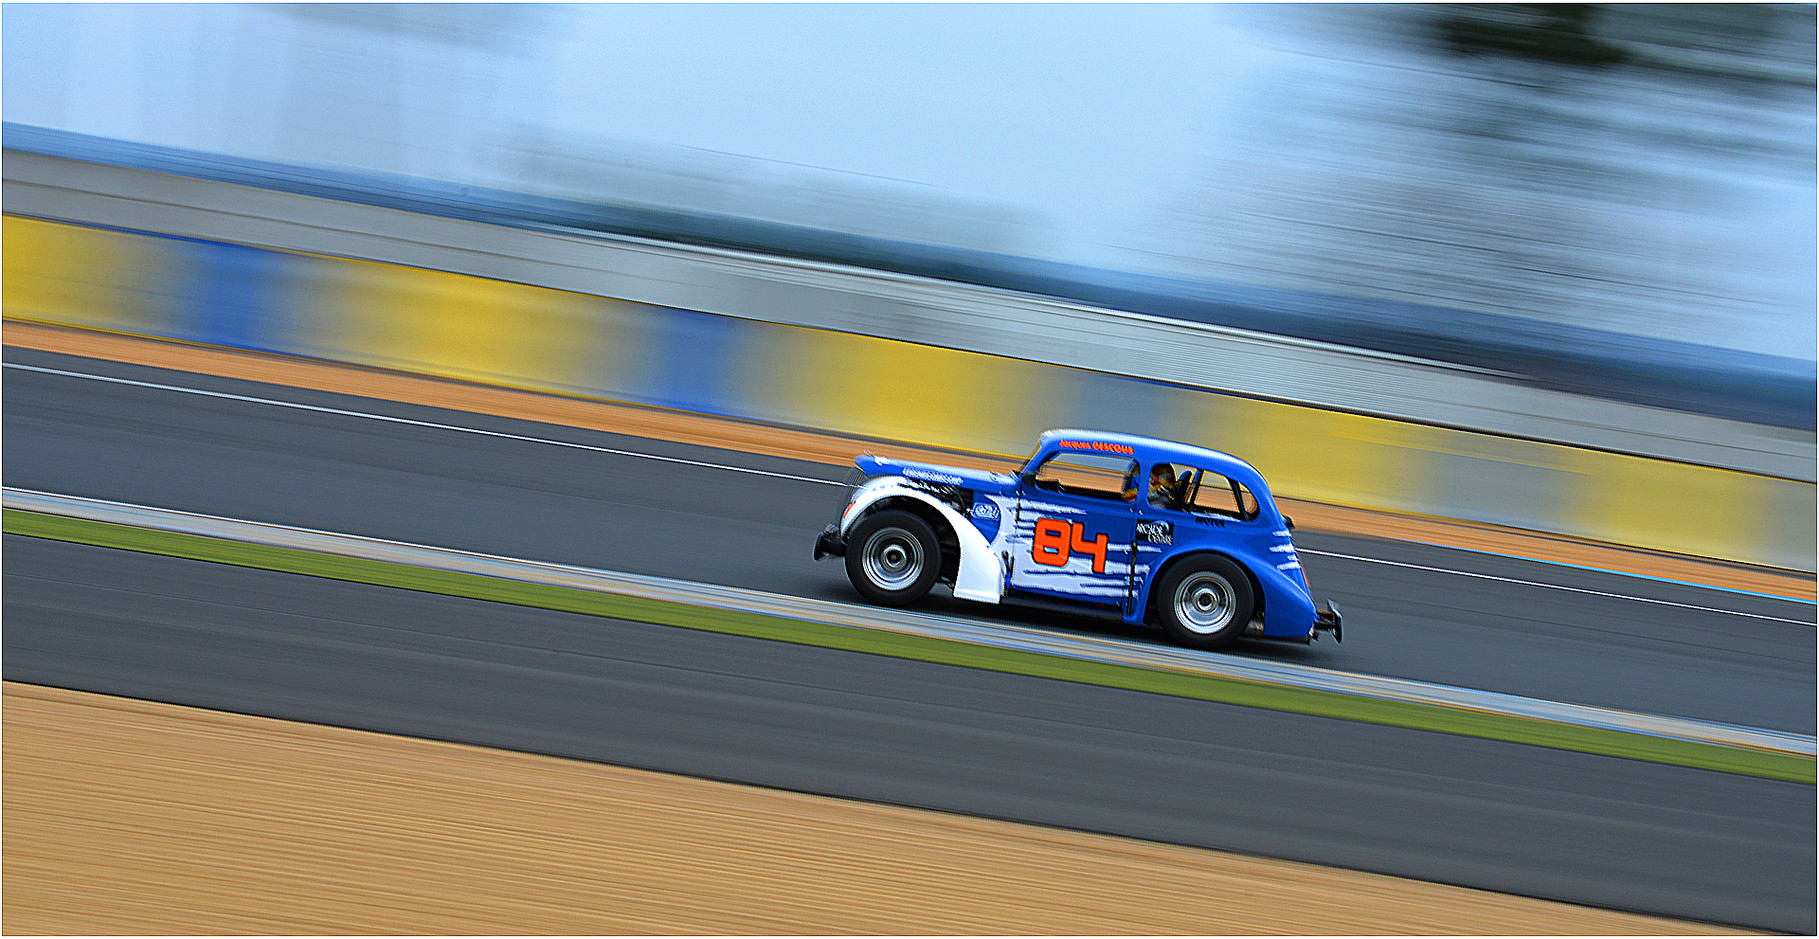 Pascal Lecoeur-Le Mans